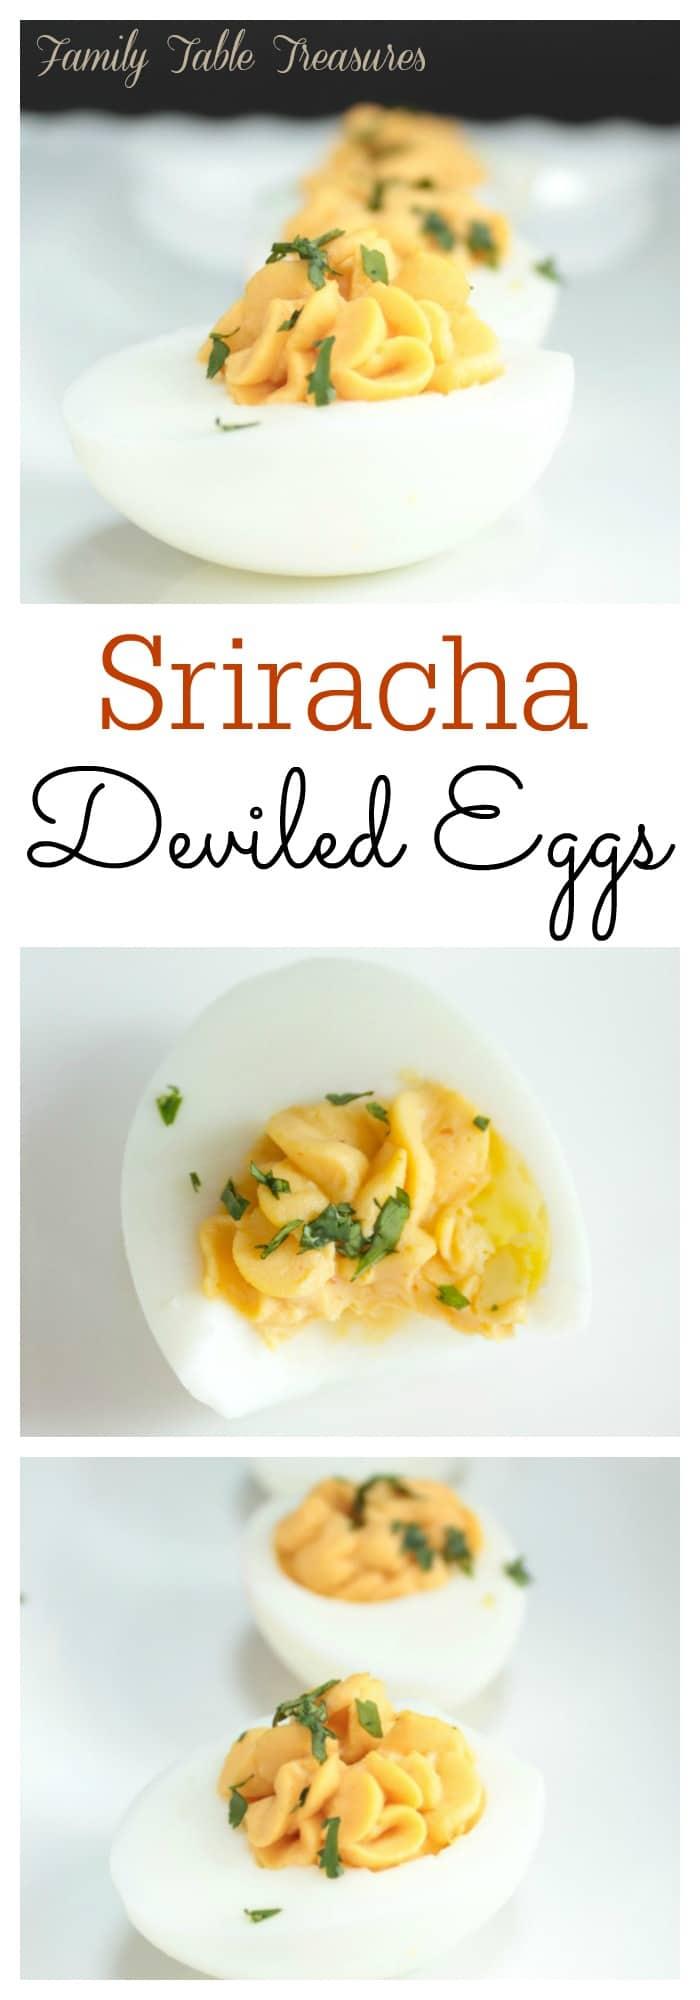 Sriracha Deviled Eggs